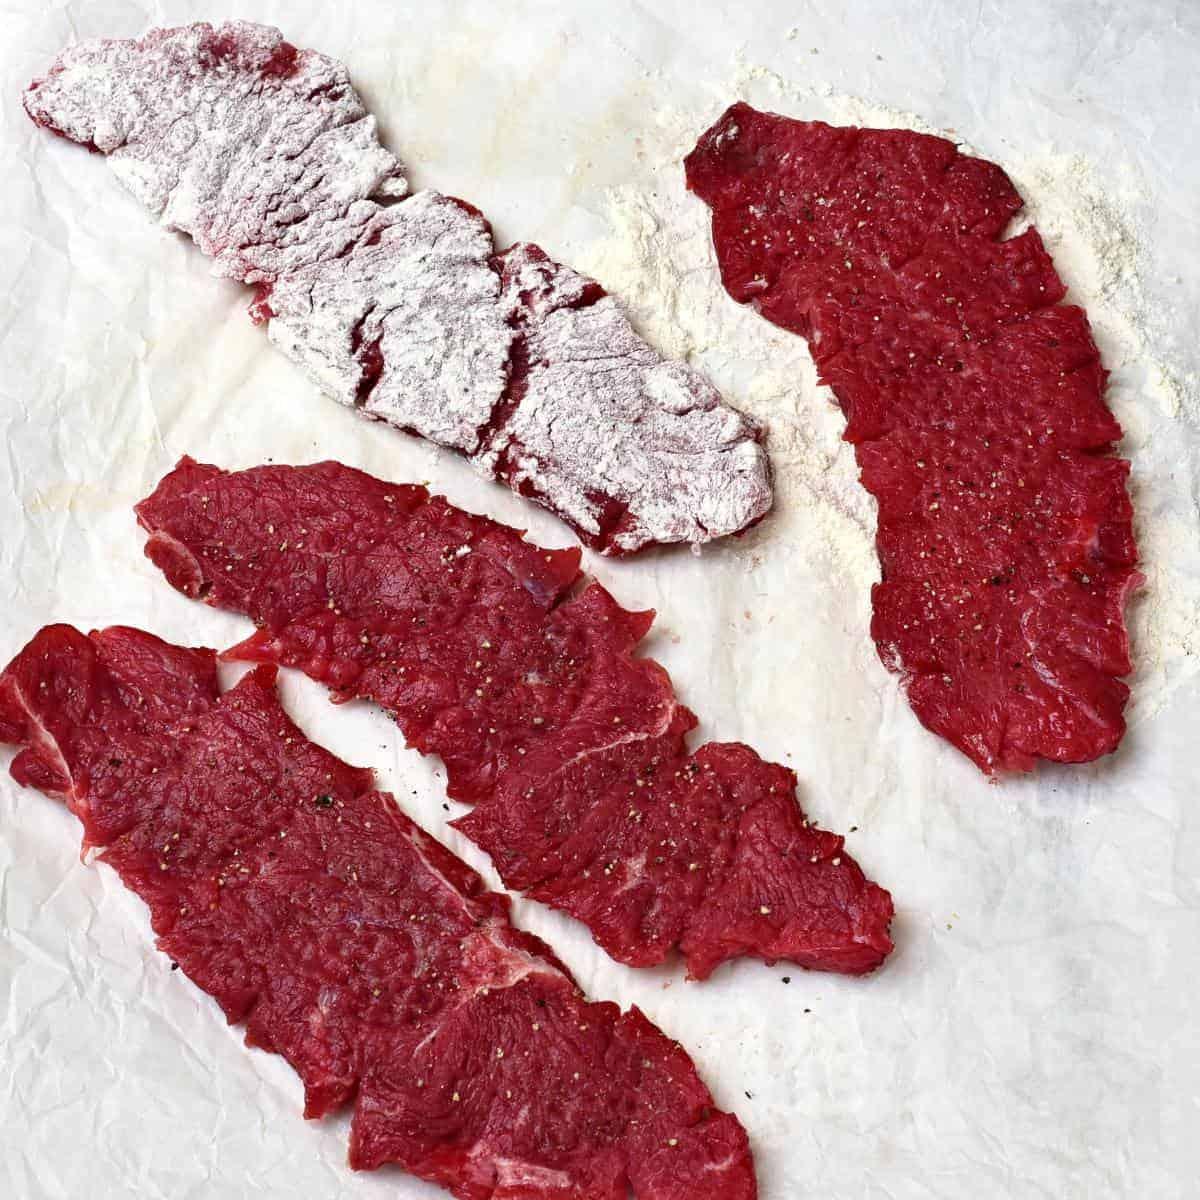 dreadging steaks in the flour